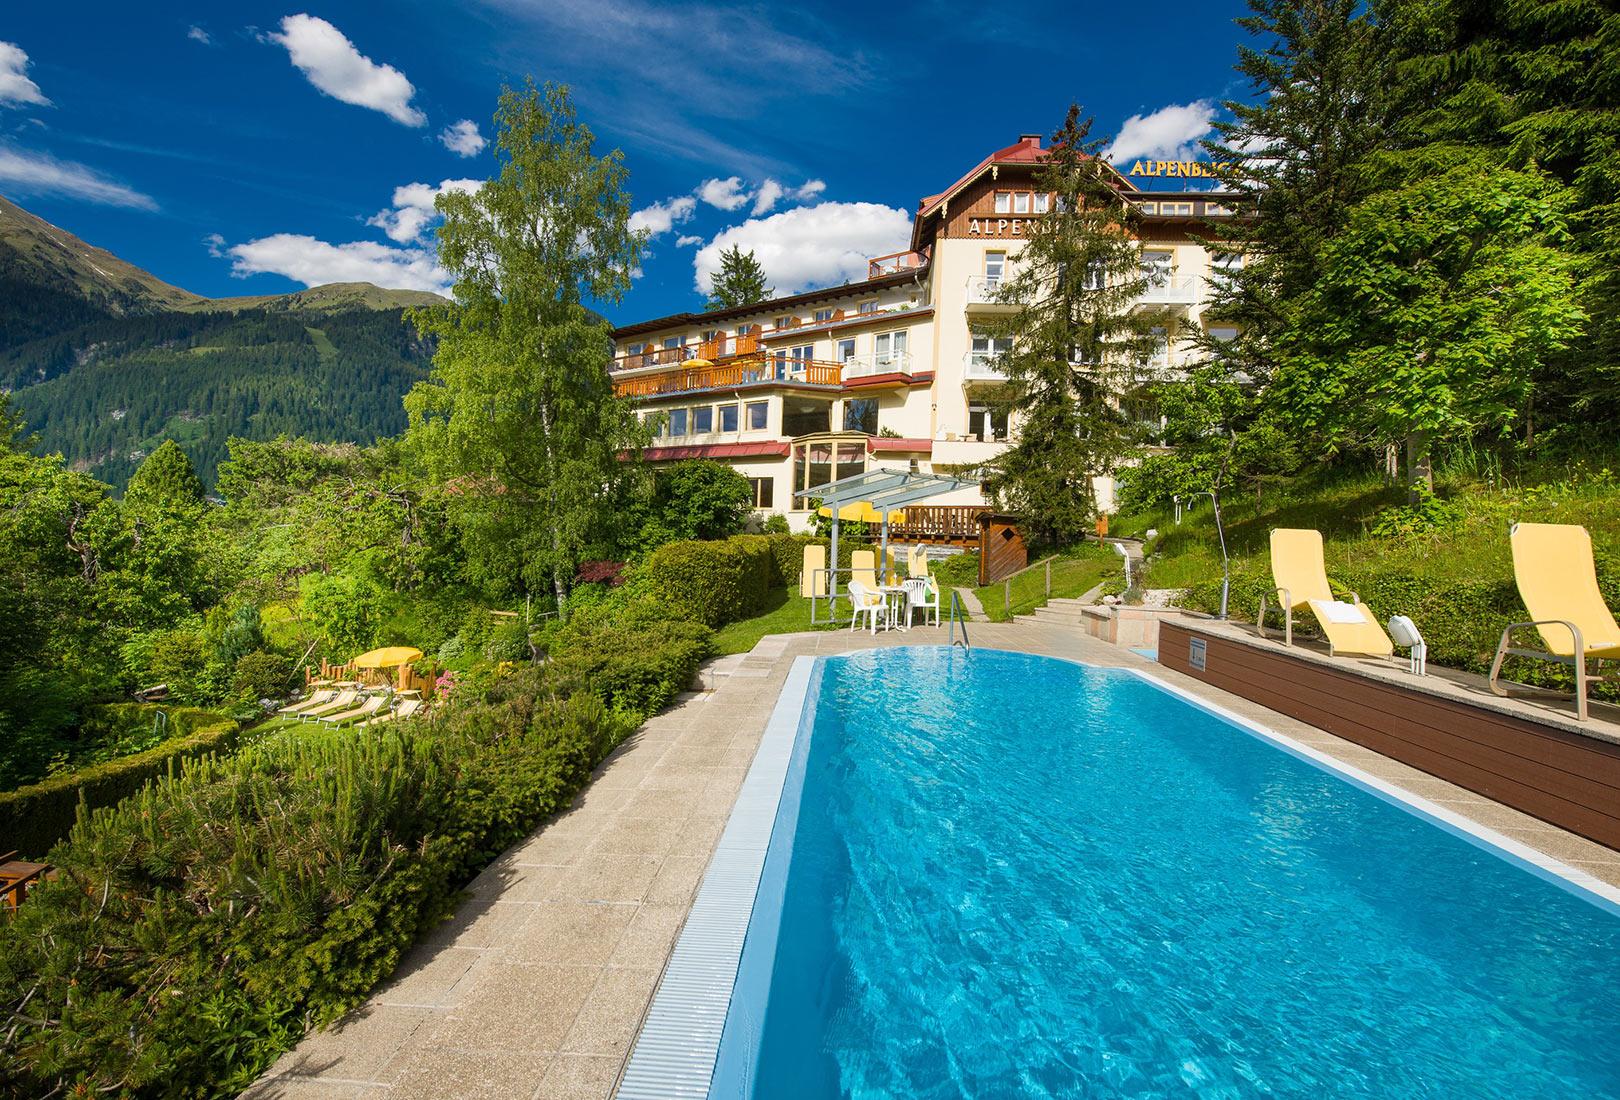 Pool Gartenanlage Hotel Alpenblick Bad Gastein